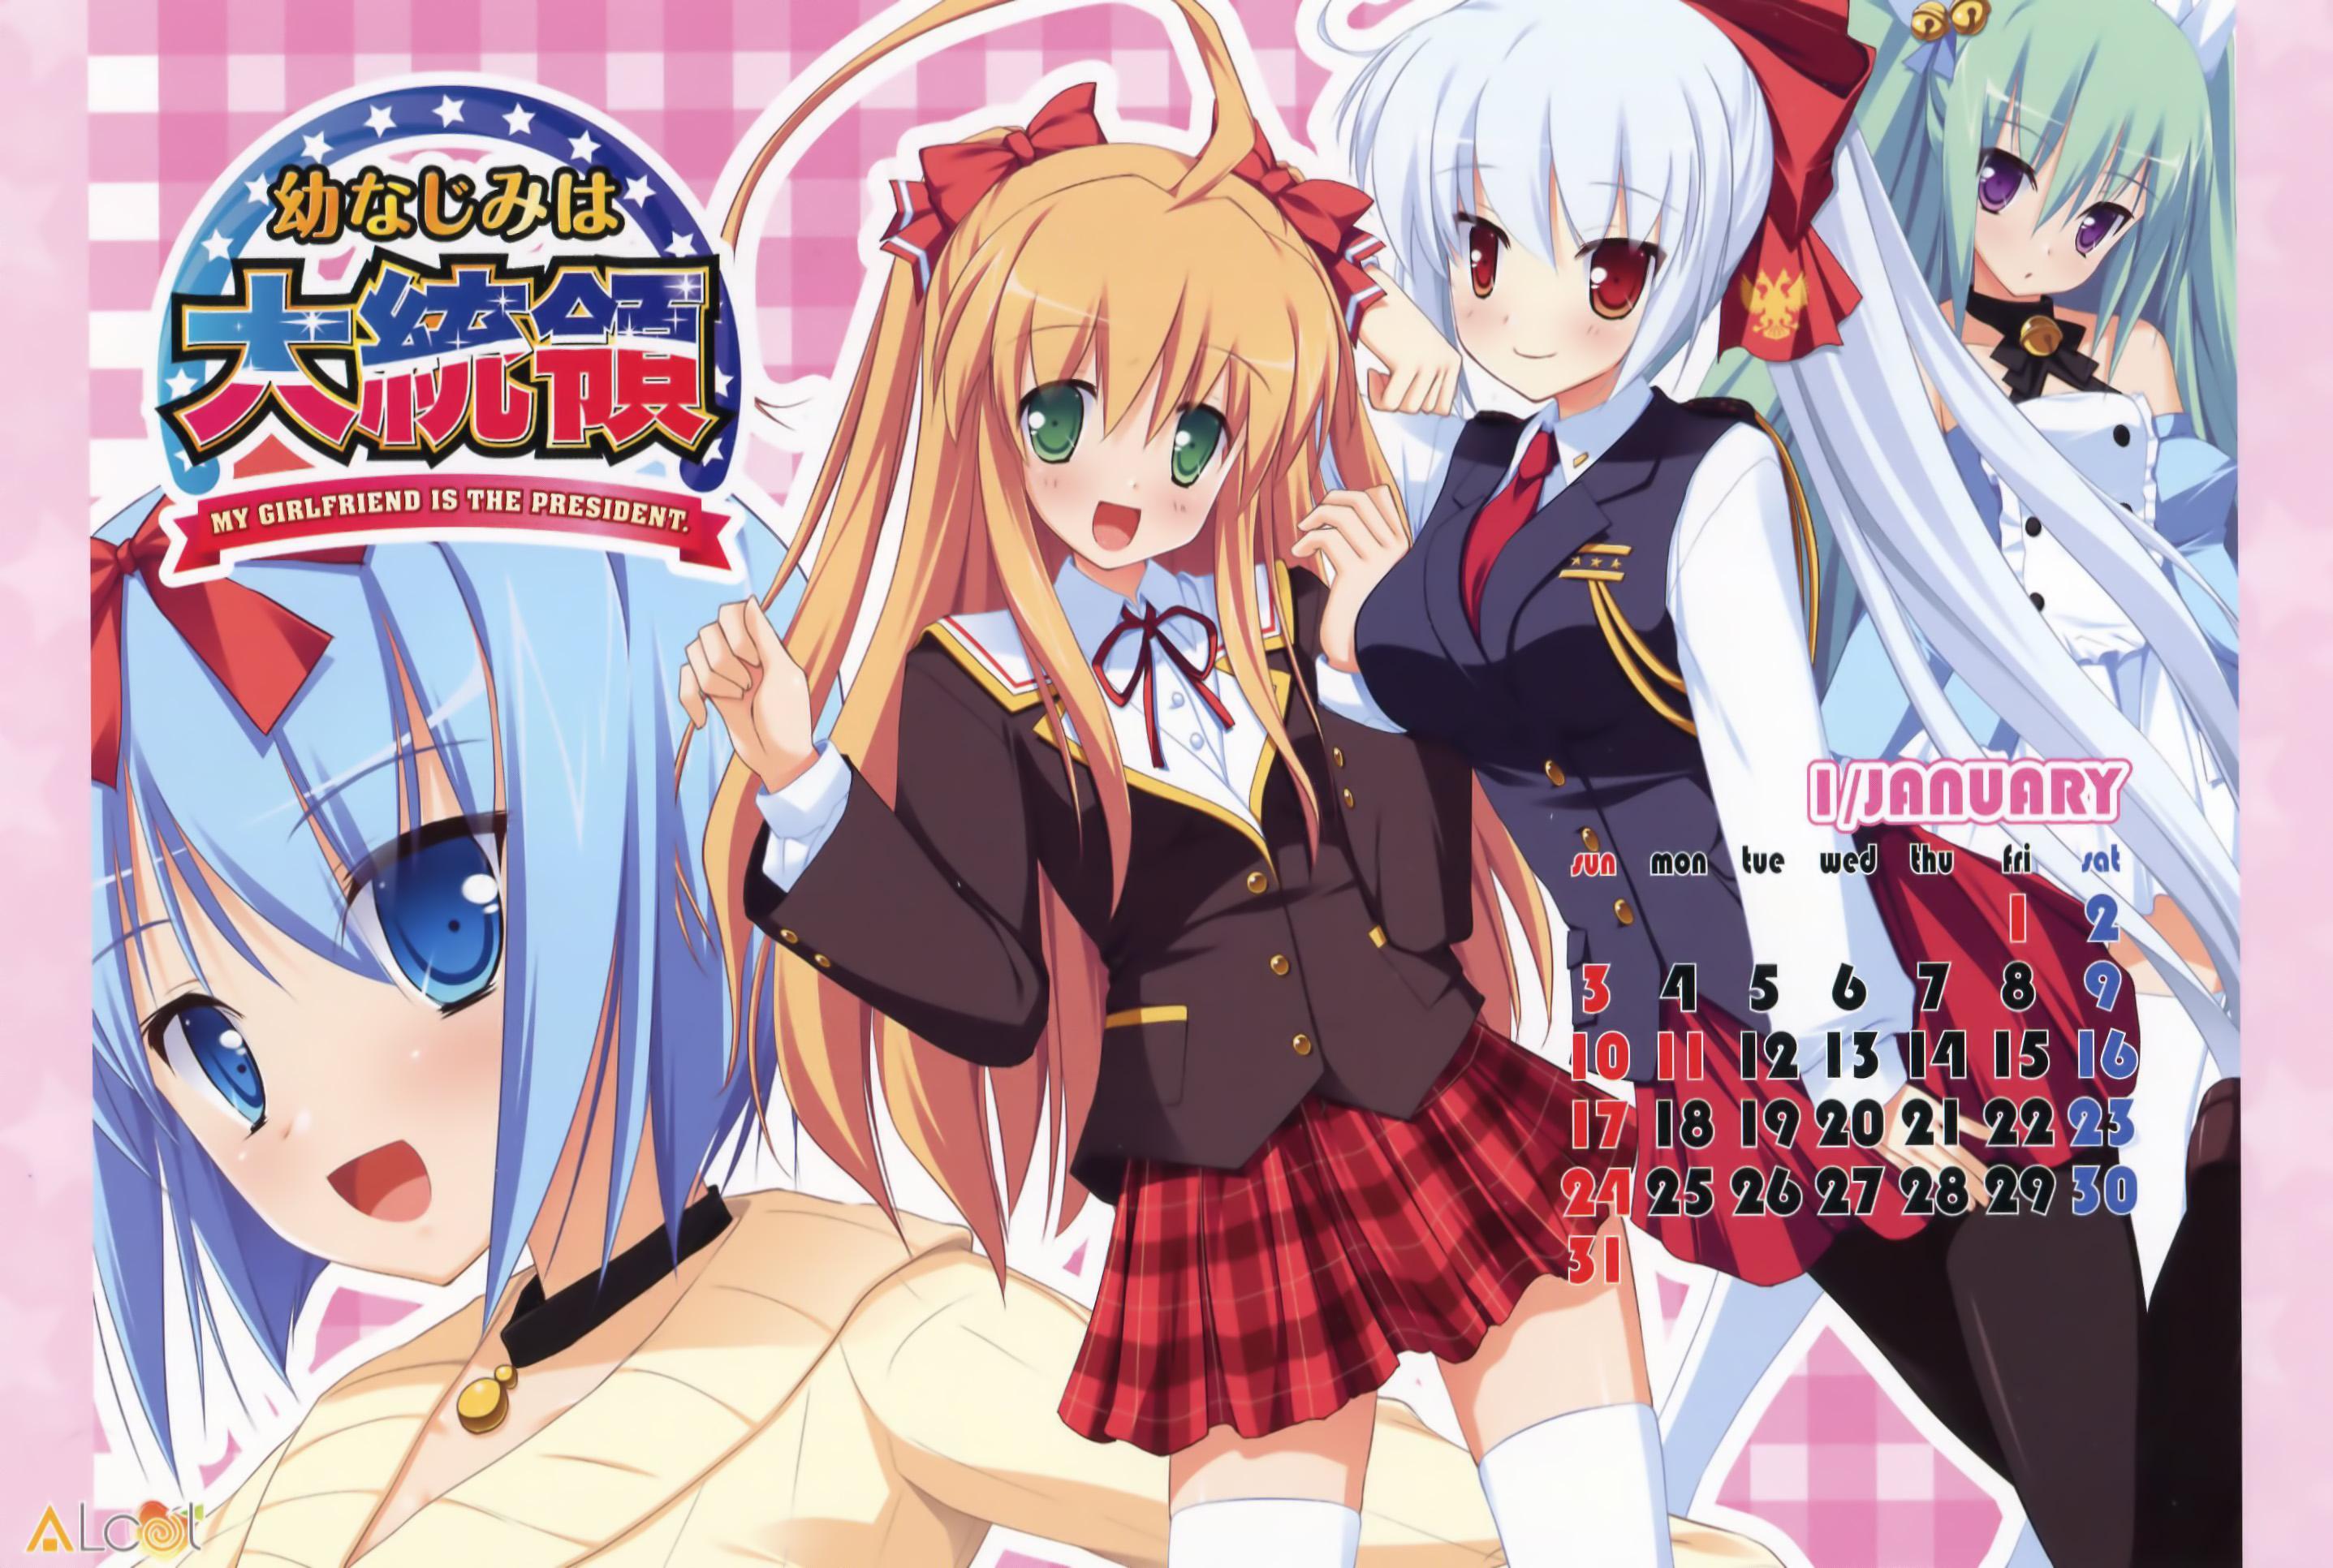 Osananajimi wa Daitouryou download Osananajimi wa Daitouryou image